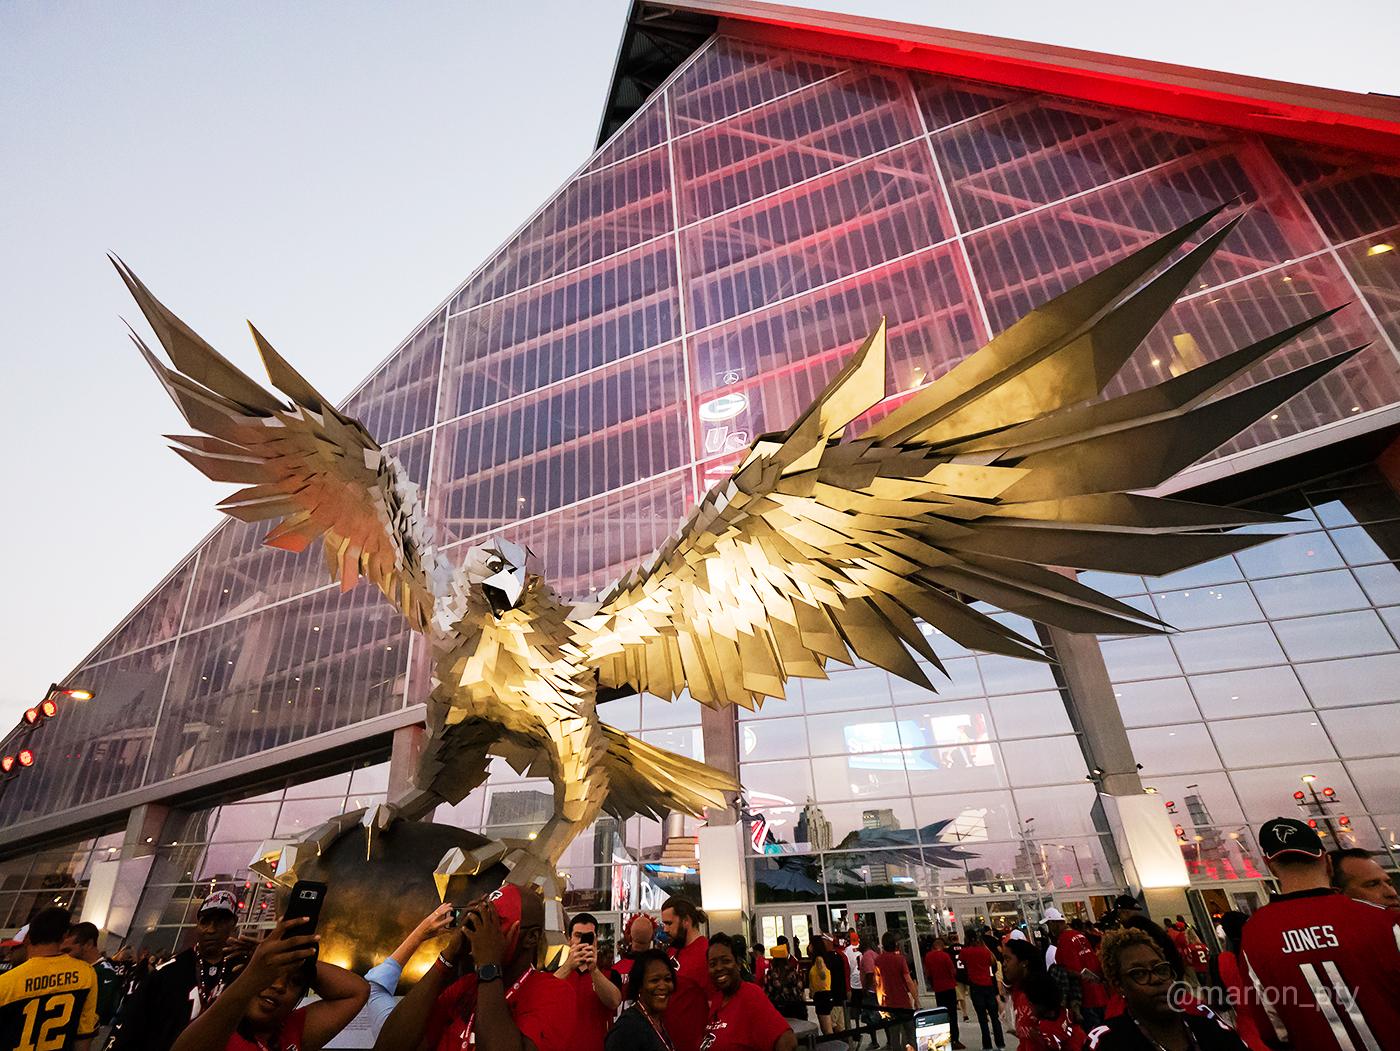 The Falcon statue